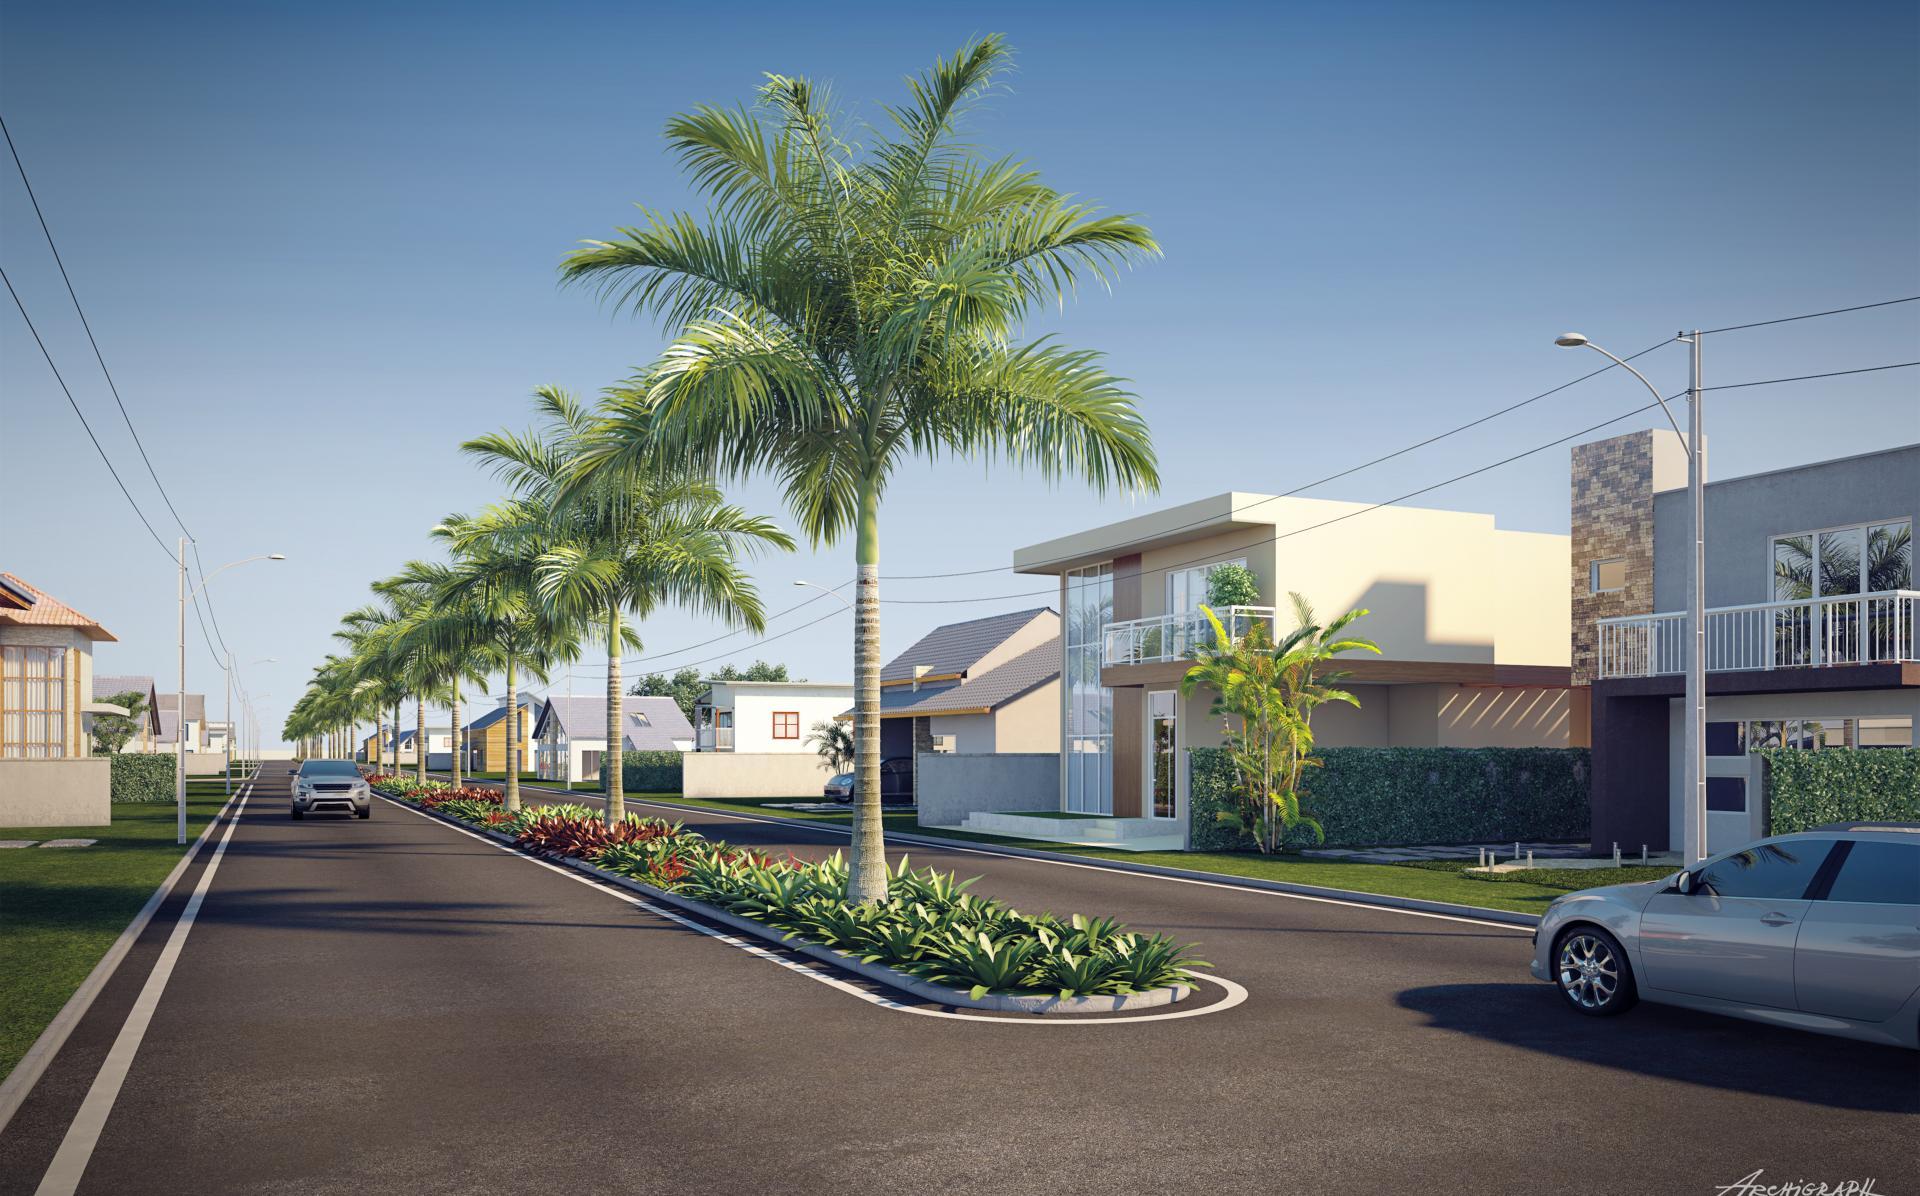 Terrenos de 180 m² a 390 m² e casas de 2 e 3 quartos